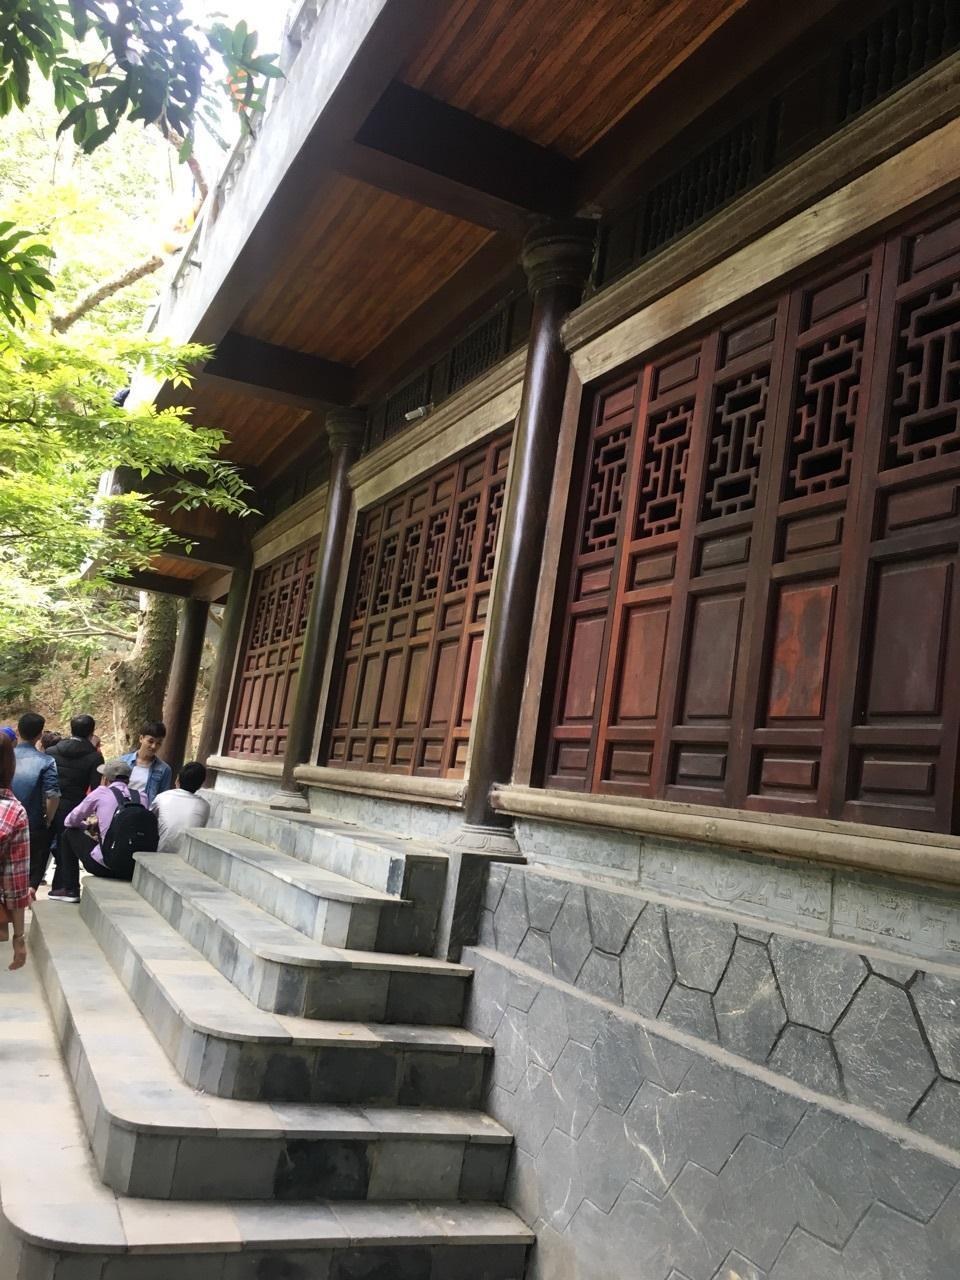 Ngôi chùa đã được trùng tu nhiều lần, tuy nhiên vẻ cổ kính thì vẫn chưa từng phai màu theo năm tháng